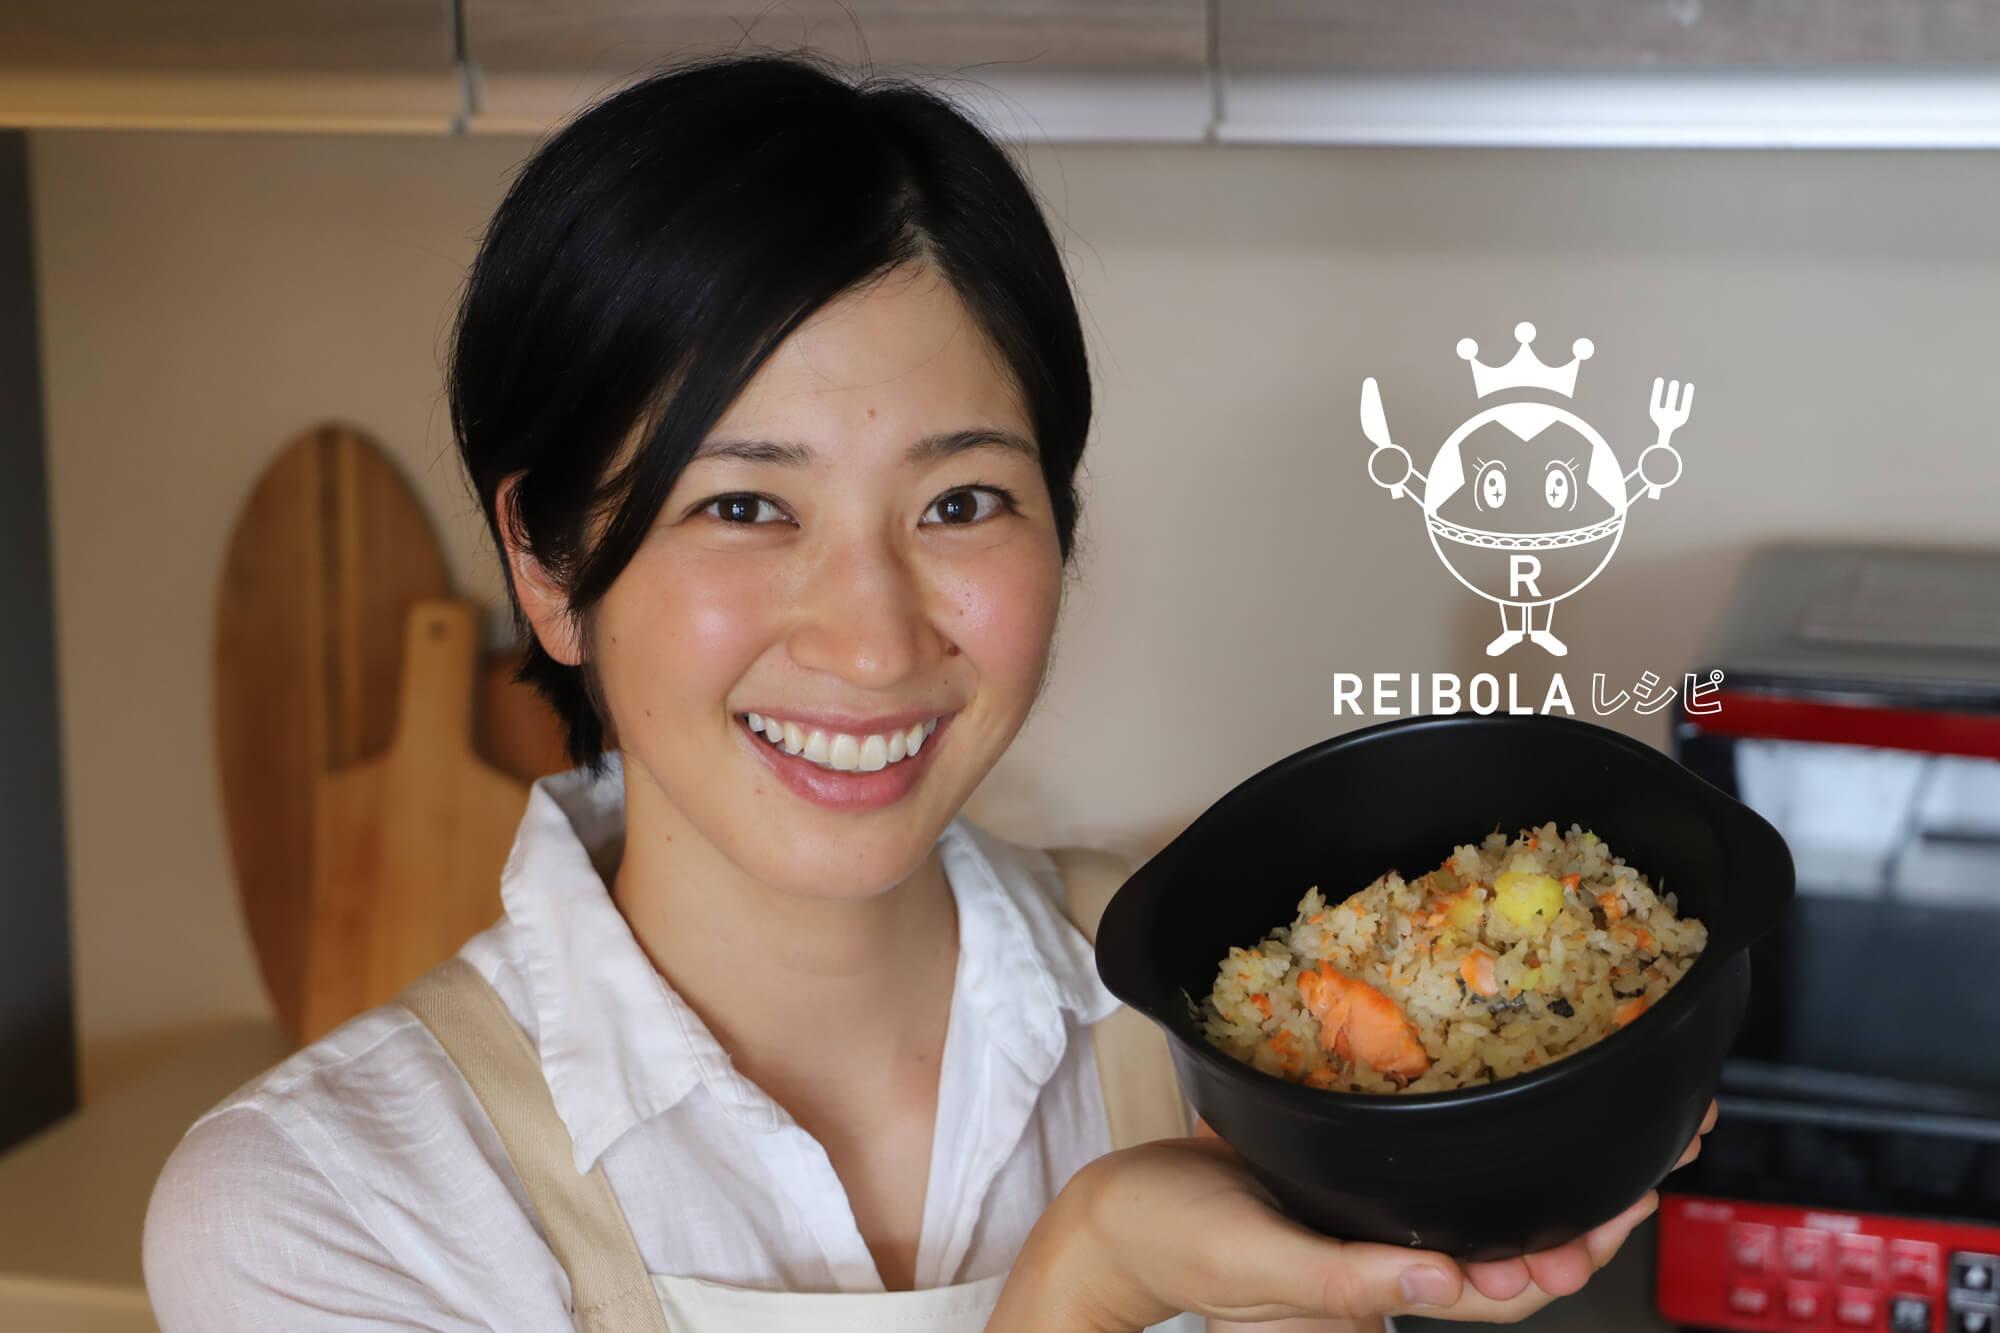 鮭とおいもの炊き込みご飯/村田英理子